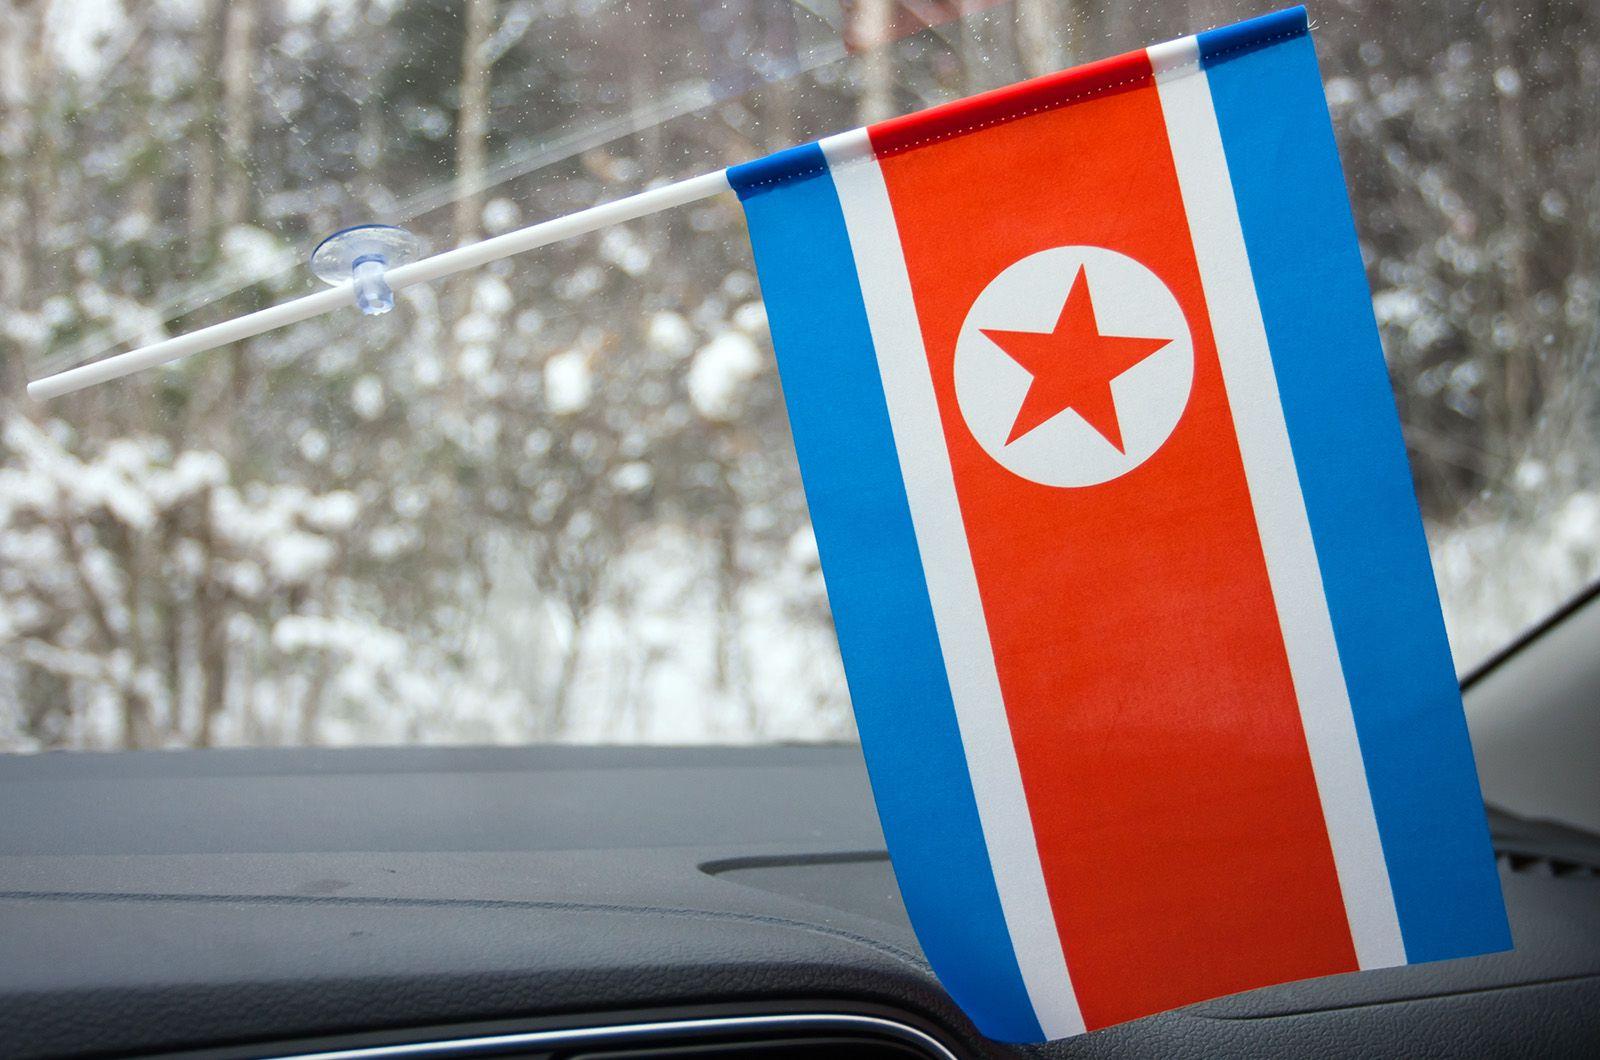 Флажок Северной Кореи на присоске